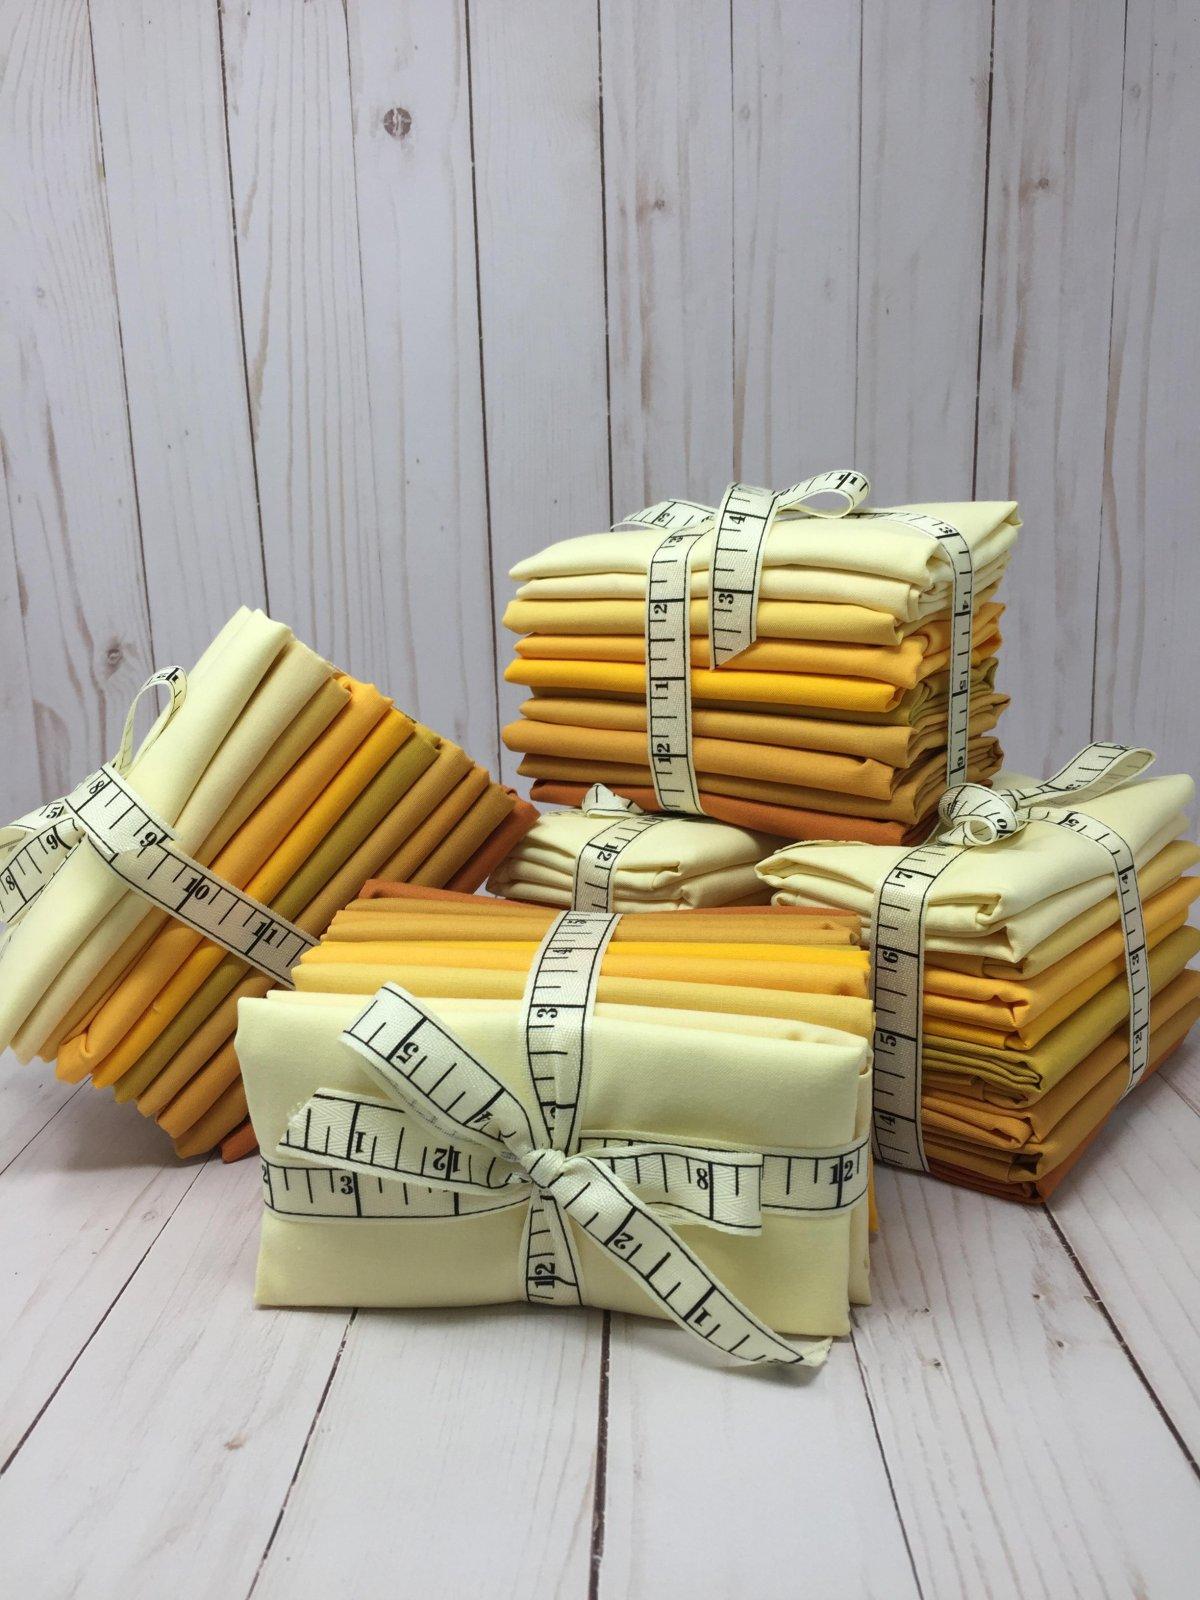 2021 - March Fat Qtr Bundle Kona Solids